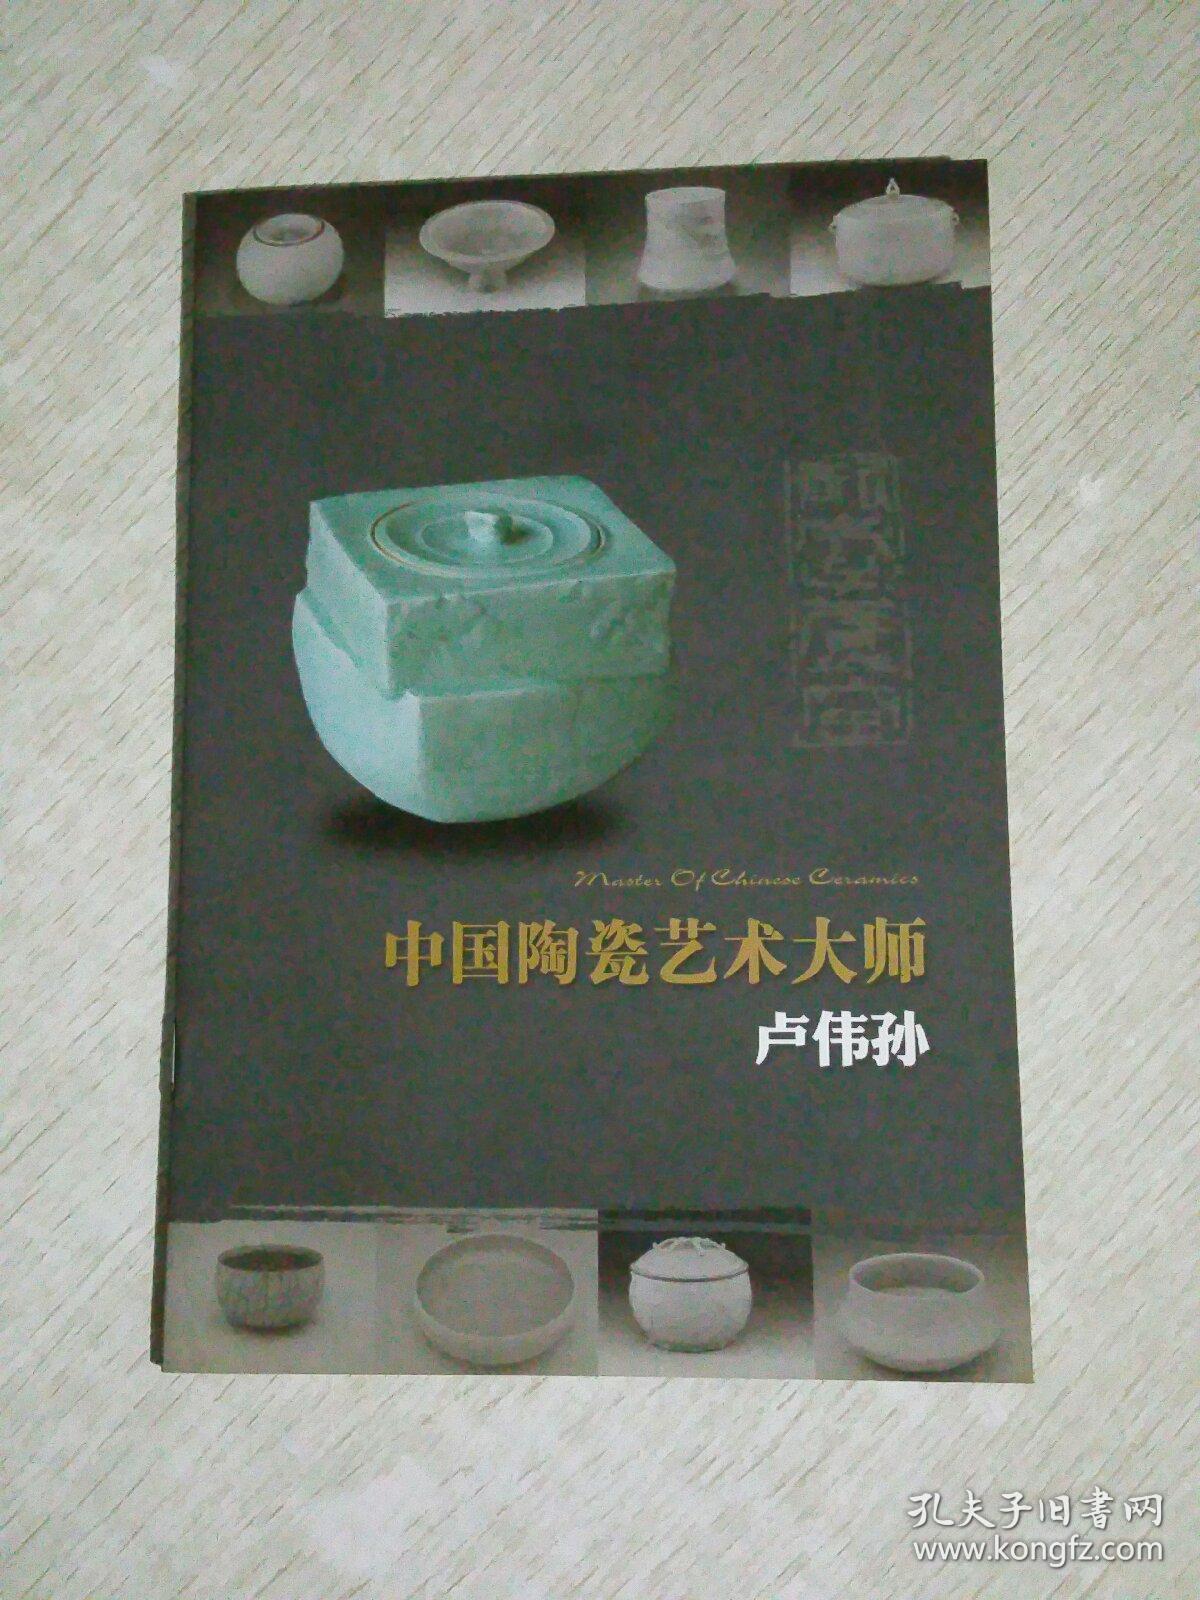 中国陶瓷艺术大师 卢伟孙